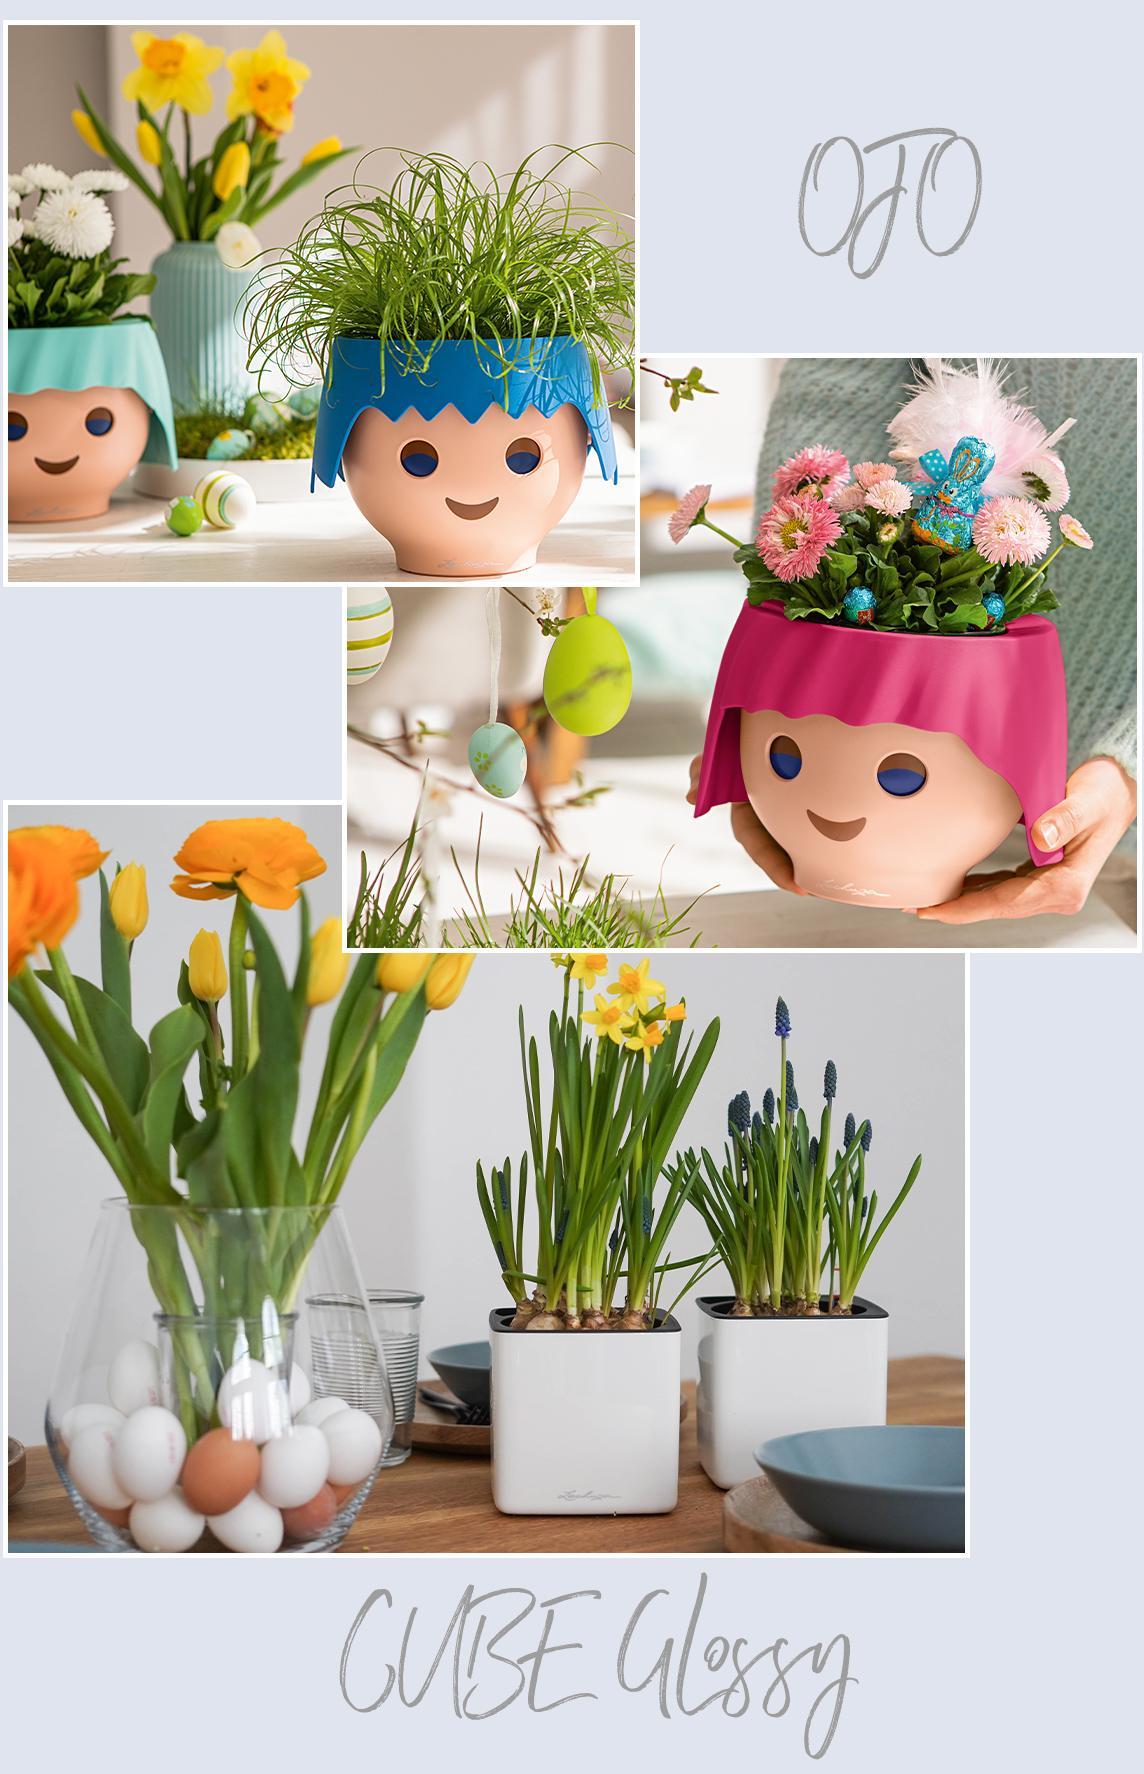 'LECHUZA bloempotten in de vorm van Playmobil-figuren